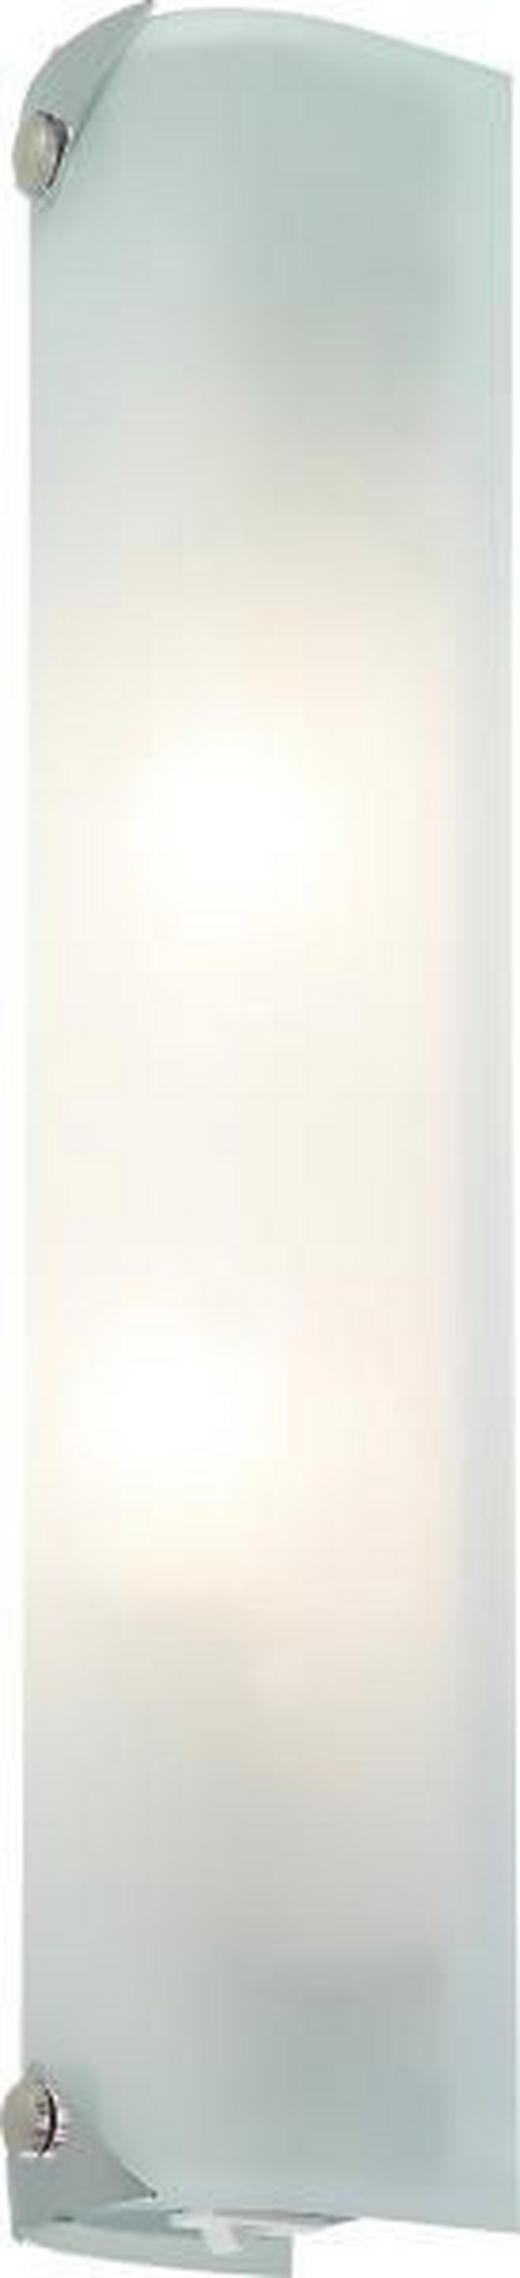 BADEZIMMER-WANDLEUCHTE - Chromfarben, KONVENTIONELL, Metall (65cm)